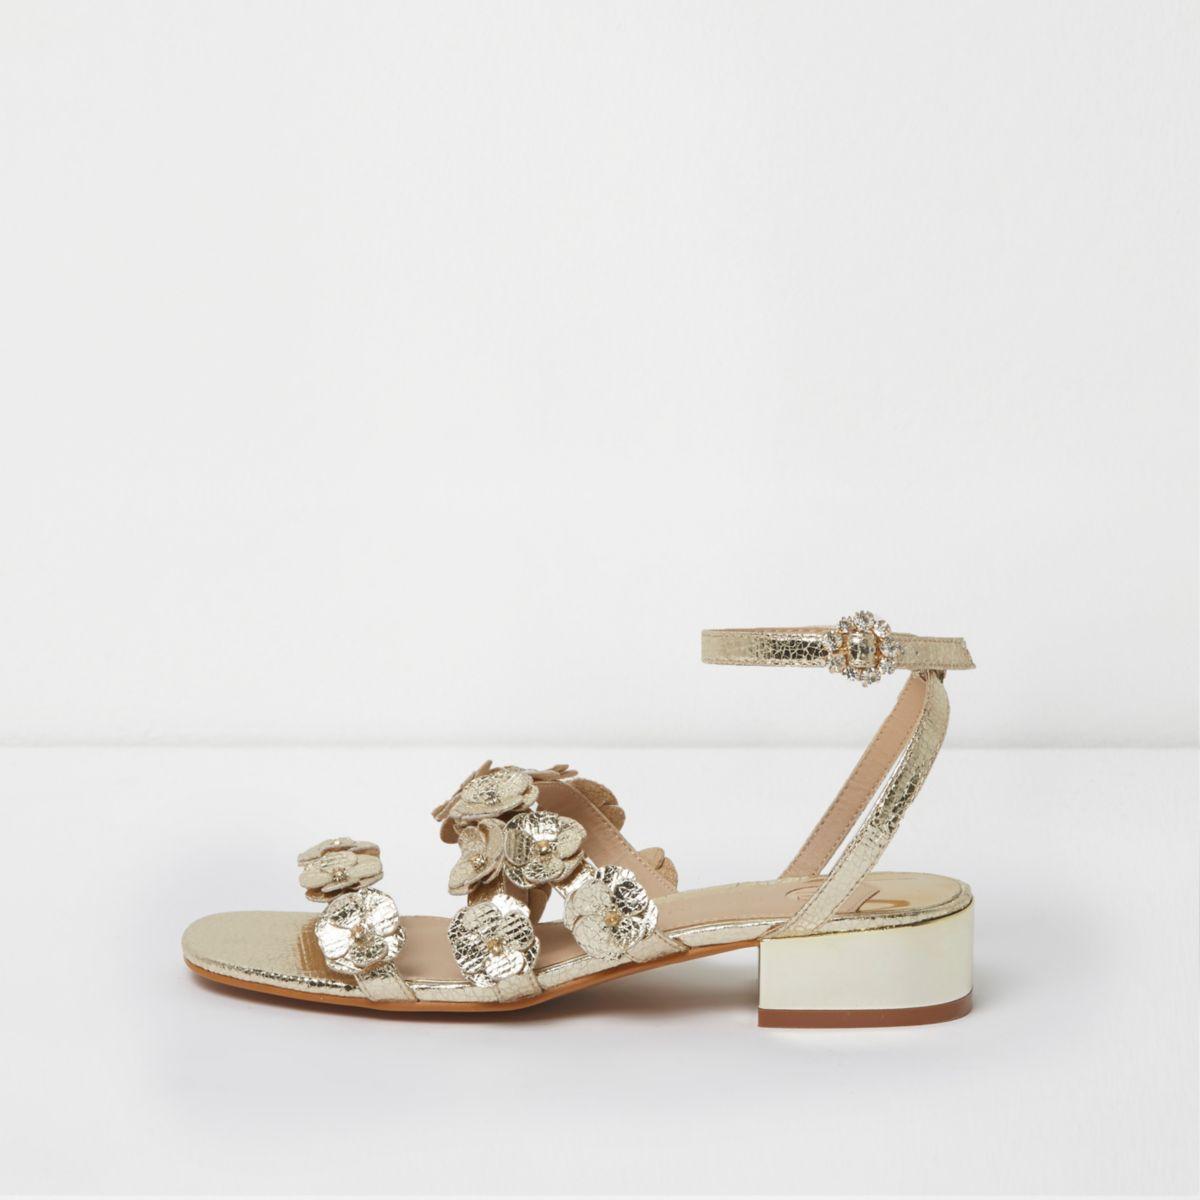 Gold metallic 3D flower strappy sandals